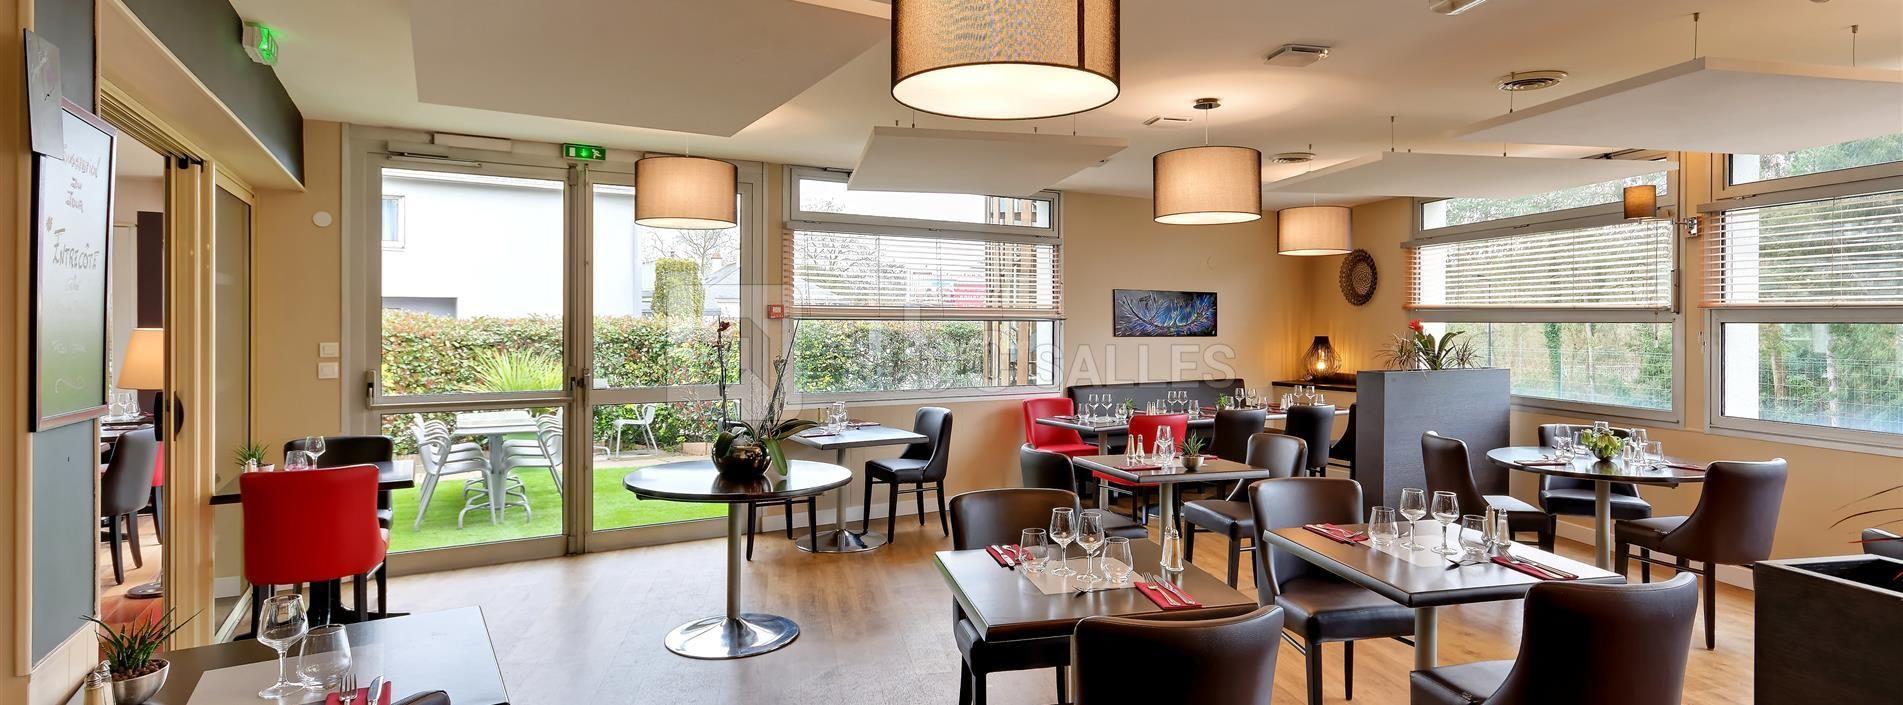 Beaujoire Hôtel - Restaurant Le Jardin - ABC Salles